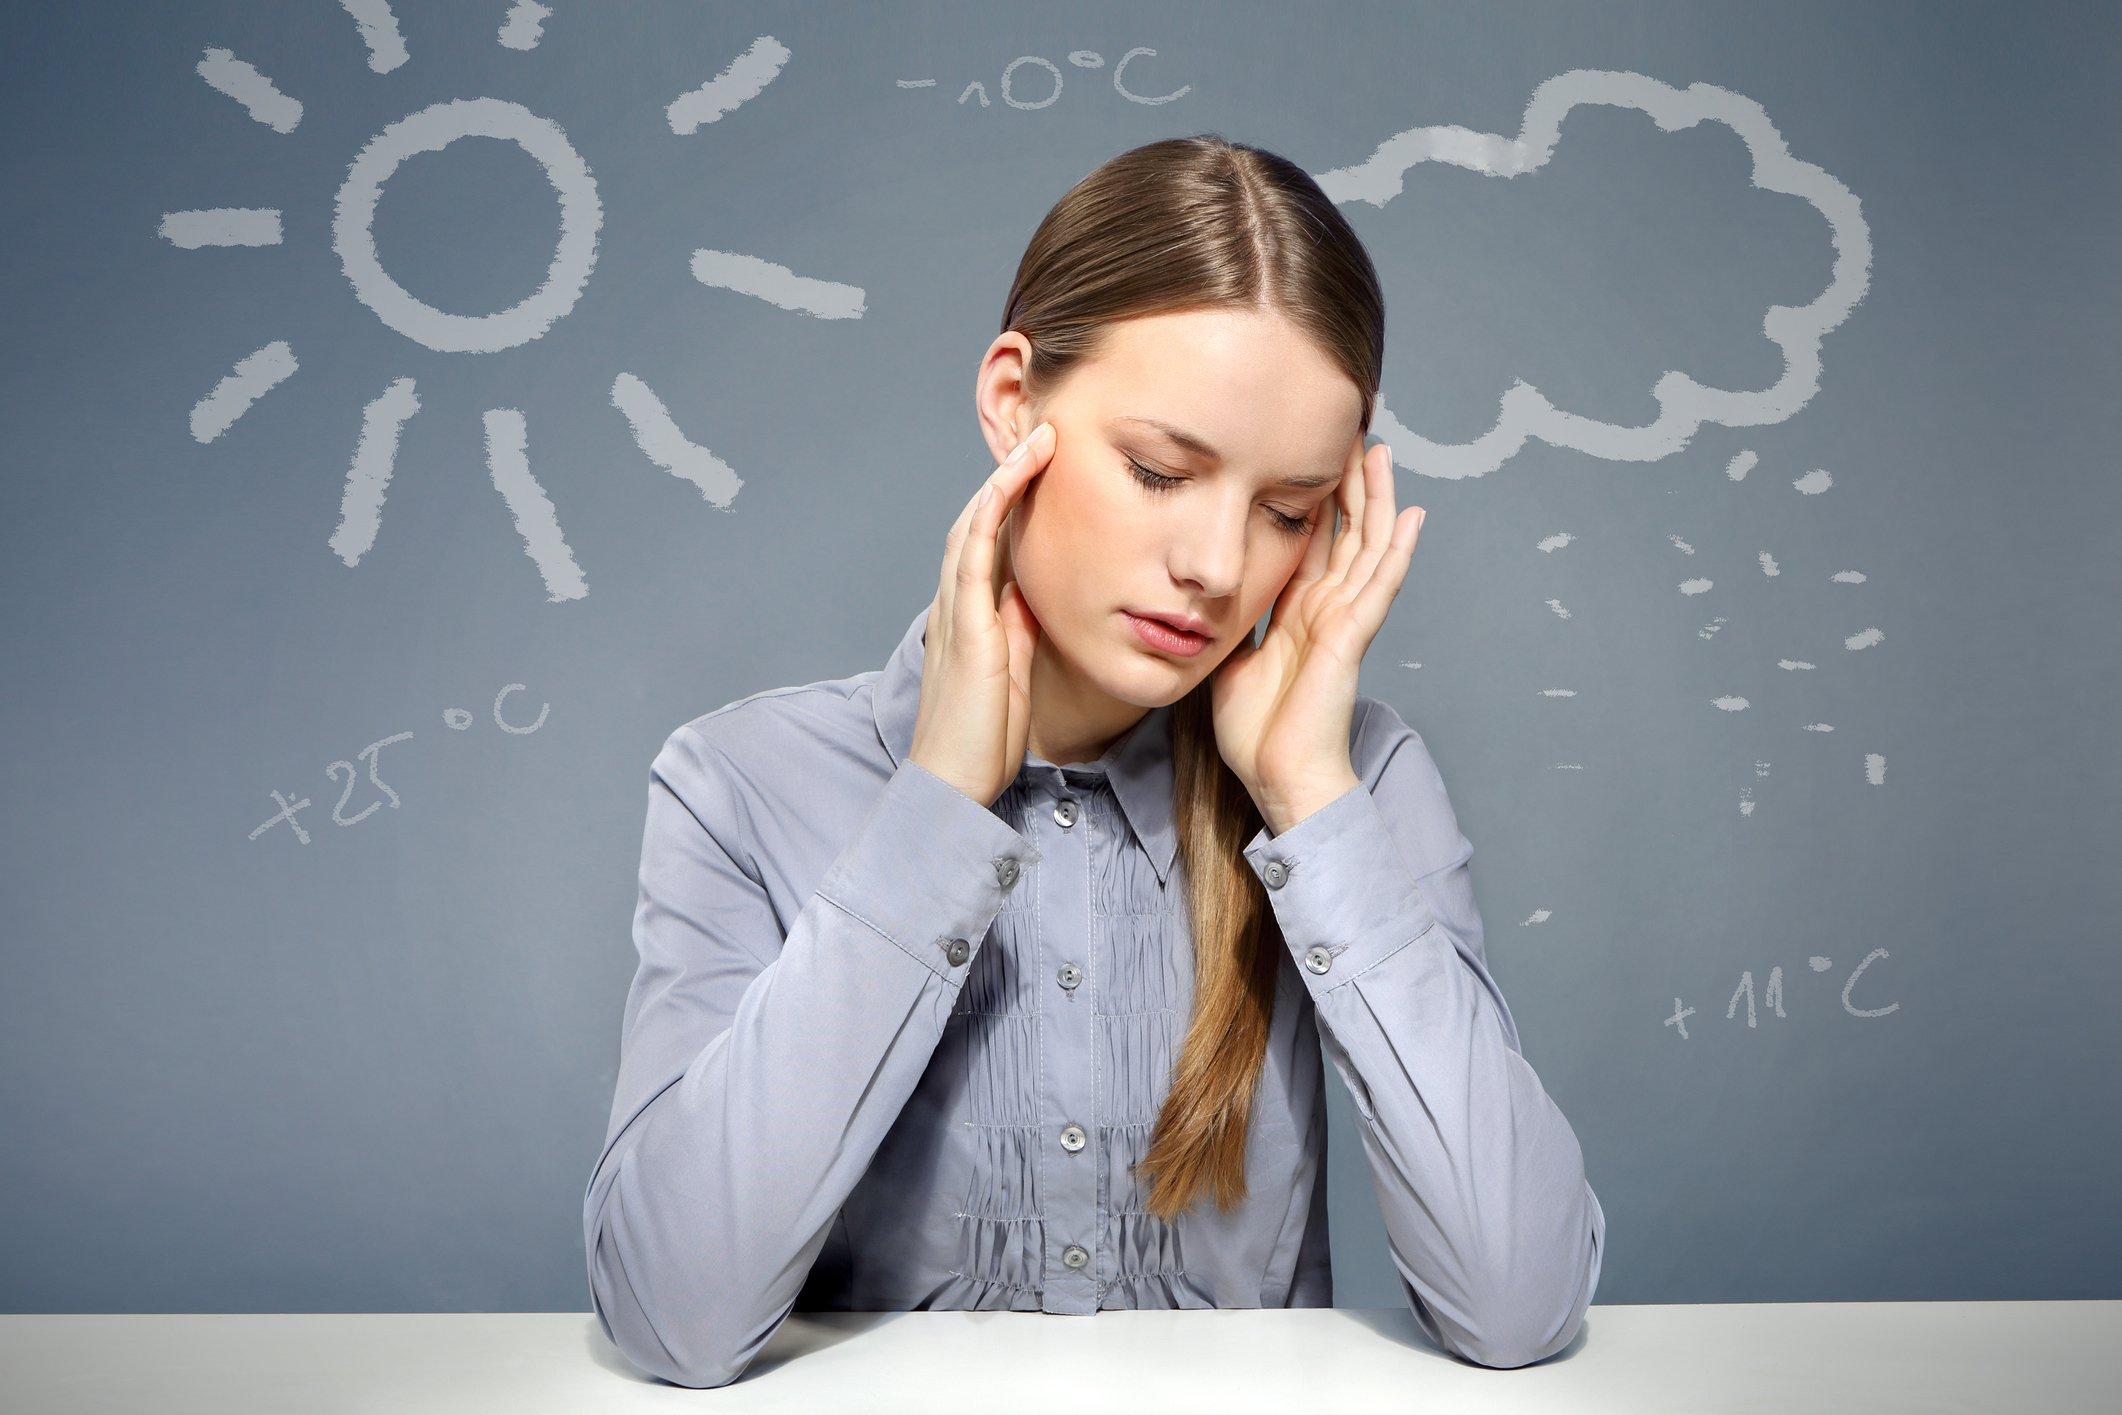 Картинки головной боли на смену погоды